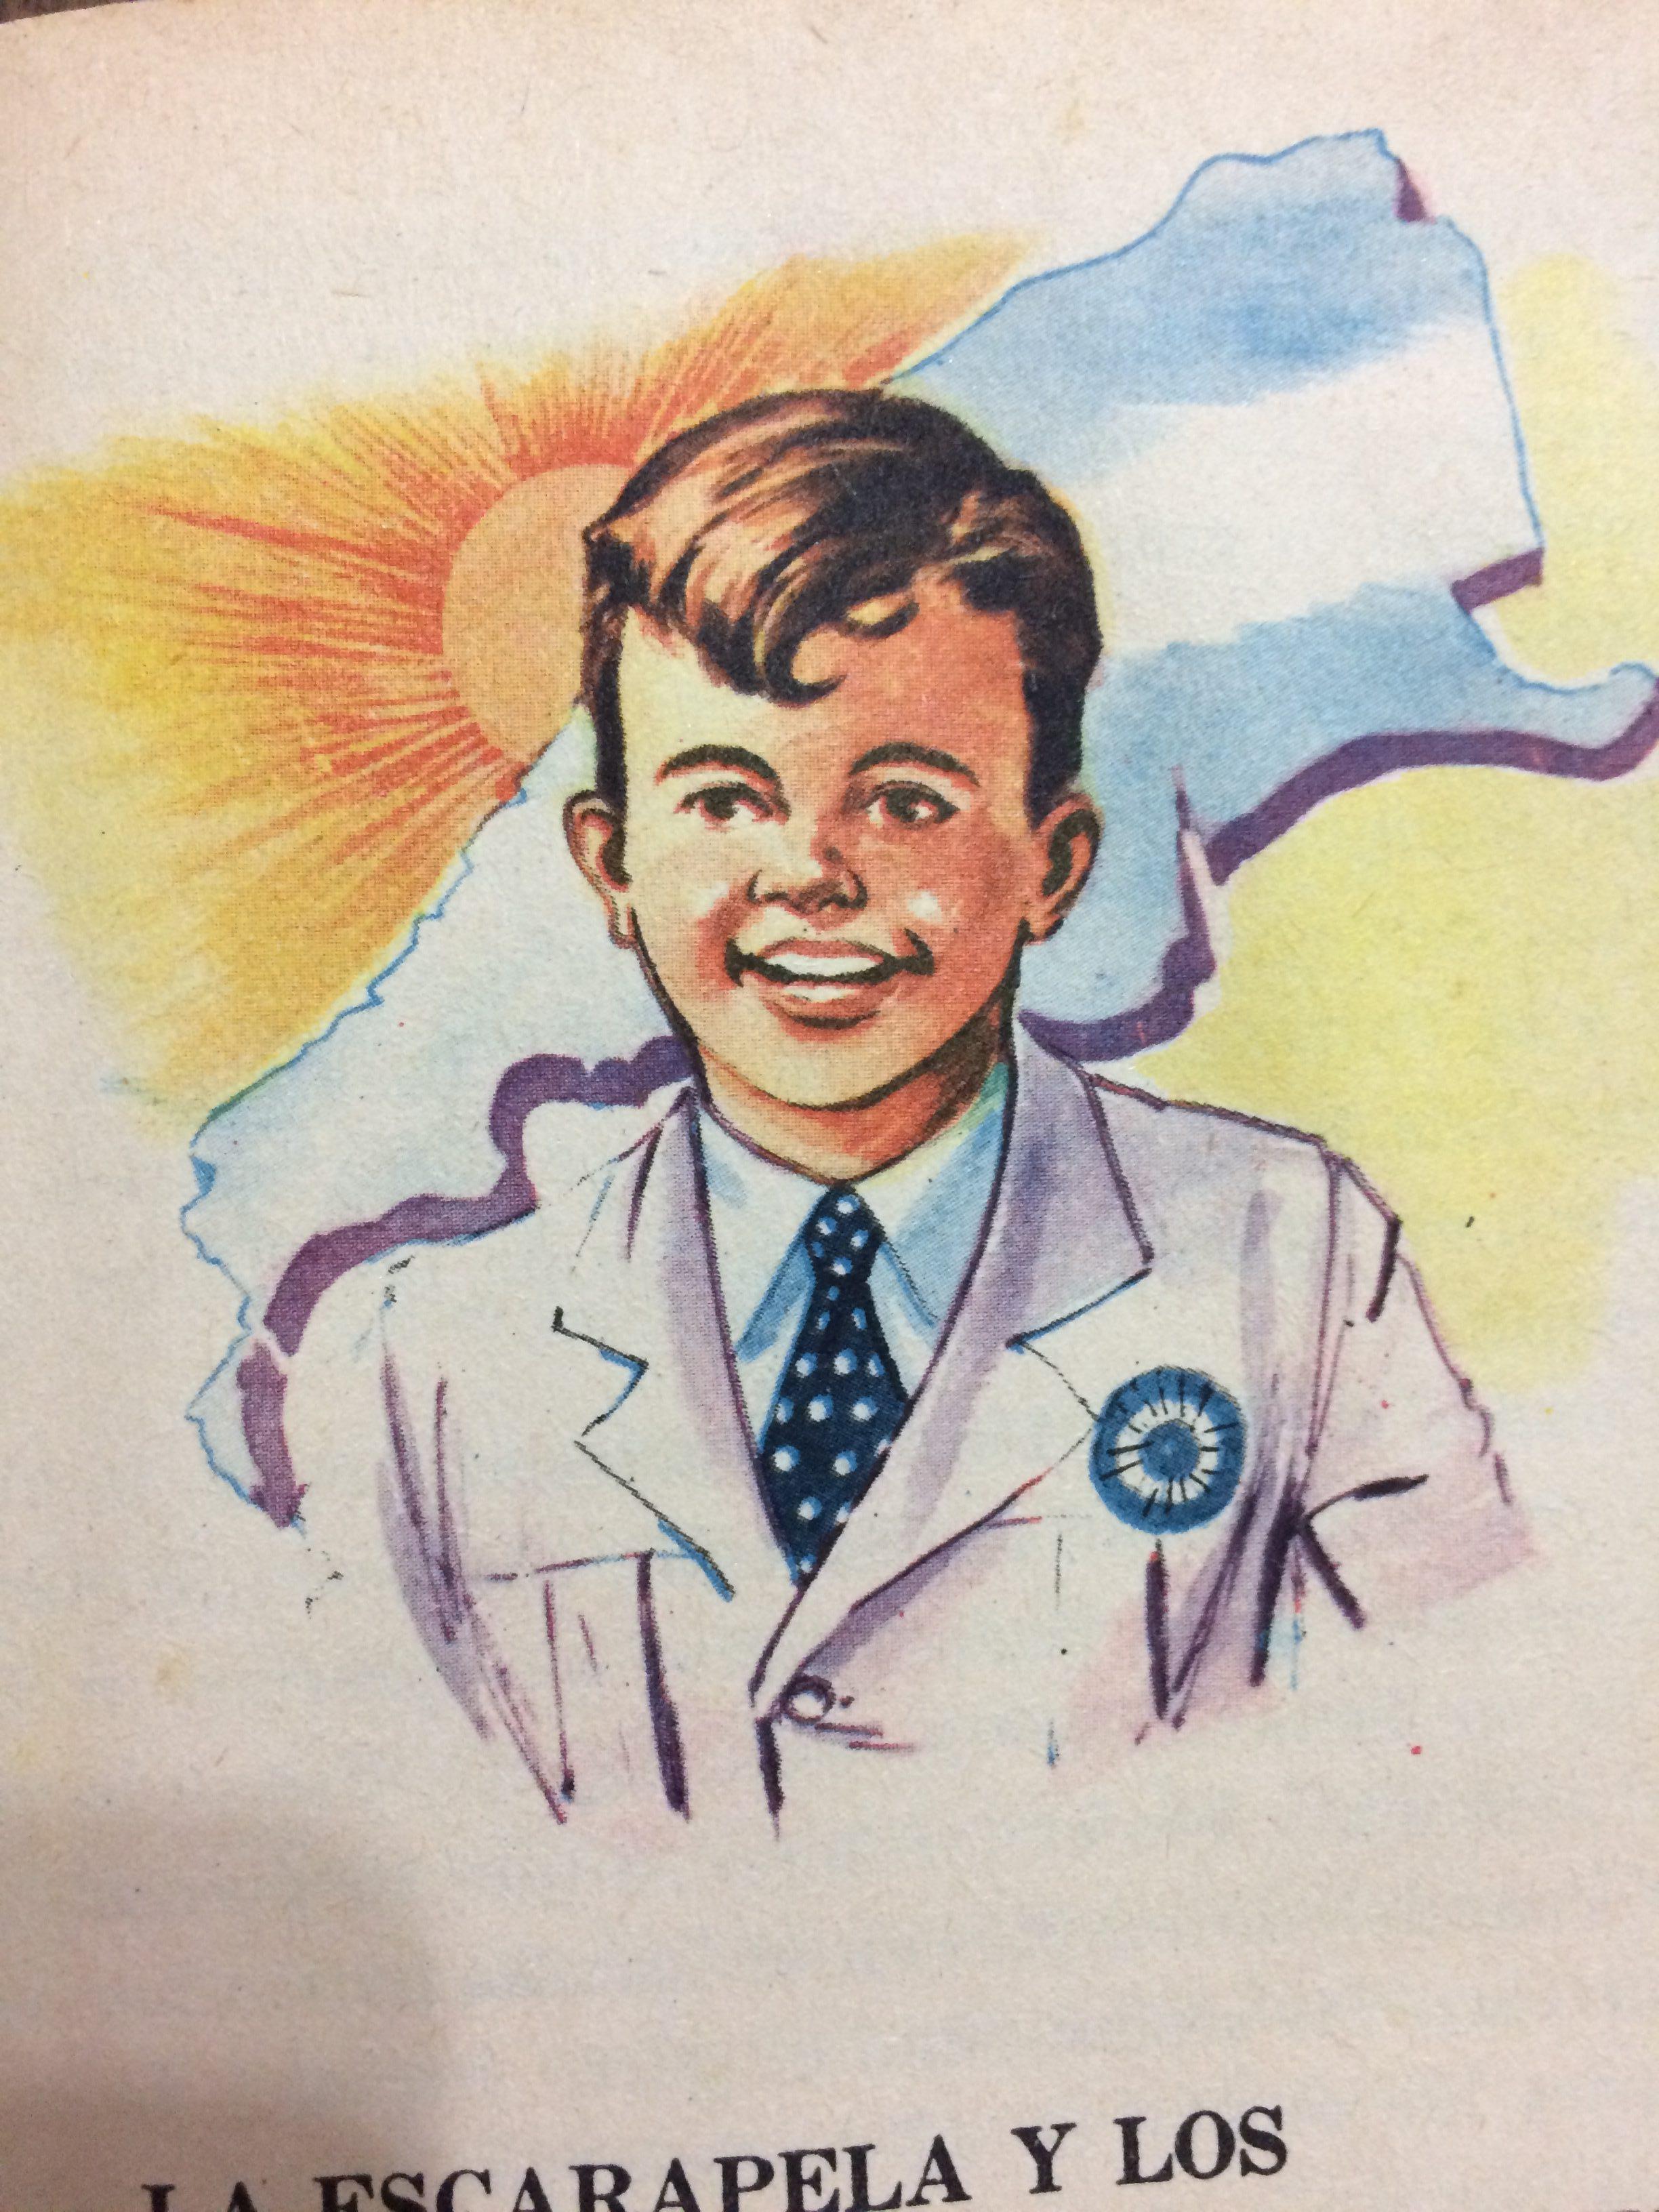 Ilustraciones, de distintos libros de lectura, de la escuela primaria, correspondientes a las décadas de 1940, 1950 y 1960.